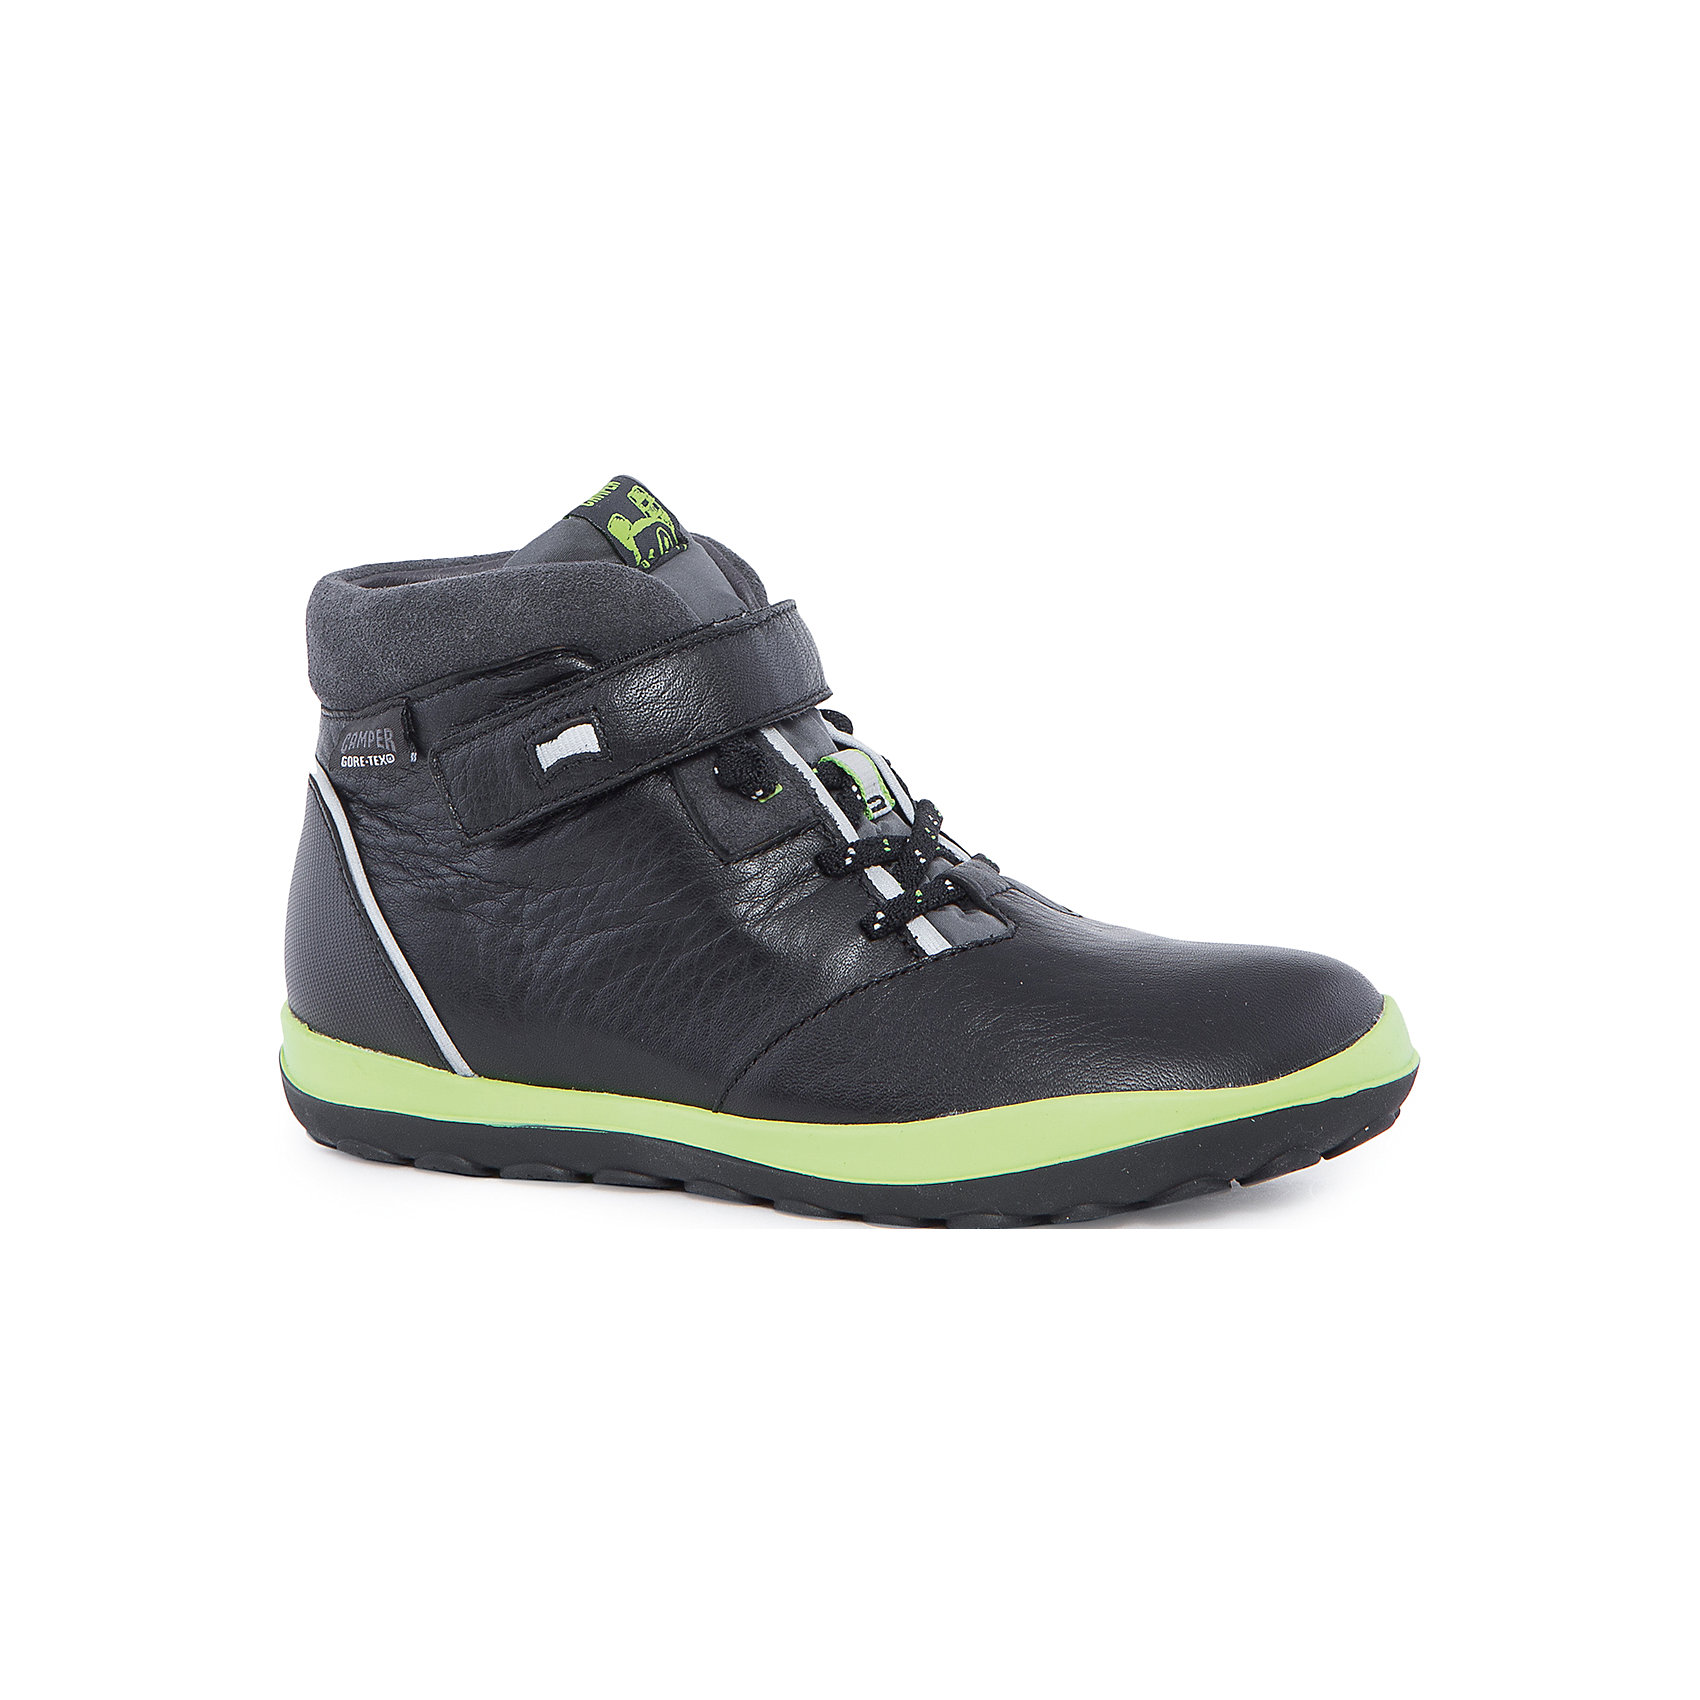 Ботинки для мальчика CamperХарактеристики:<br><br>• Предназначение: повседневная обувь<br>• Сезон: демисезонные<br>• Пол: для мальчика<br>• Цвет: черный, синий, салатовый<br>• Материал верха и стельки: натуральная кожа, текстиль, замша<br>• Материал подошвы: резина<br>• Тип каблука и подошвы: рифленая подошва<br>• Тип застежки: шнурки, ремешки-липучки<br>• Уход: удаление загрязнений мягкой тканью<br><br>Ботинки для мальчика Camper изготовлены испанским торговым брендом, специализирующимся на производстве обуви премиум-класса. Детская обувь Camper учитывает анатомические особенности детской растущей ноги, поэтому она изготавливается исключительно из натуральной кожи. Ботинки выполнены из сочетания гладкой кожи и замши, все элементы верха прошиты, имеется ортопедическая стелька. Эта модель ботинок выполнена с повышенными влагостойкими и антискользящими свойствами, имеет дополнительное утепление. Ботинки выполнены в дизайне детской линии от Camper – Peu Pista, которая отличается спортивным дизайном и яркими элементами, анатомической формой и повышенными комфортными свойствами. <br><br>Ботинки для мальчика Camper можно купить в нашем интернет-магазине.<br><br>Ширина мм: 262<br>Глубина мм: 176<br>Высота мм: 97<br>Вес г: 427<br>Цвет: черный<br>Возраст от месяцев: 144<br>Возраст до месяцев: 156<br>Пол: Мужской<br>Возраст: Детский<br>Размер: 36,32,31,34,38,33,37,35<br>SKU: 4974998